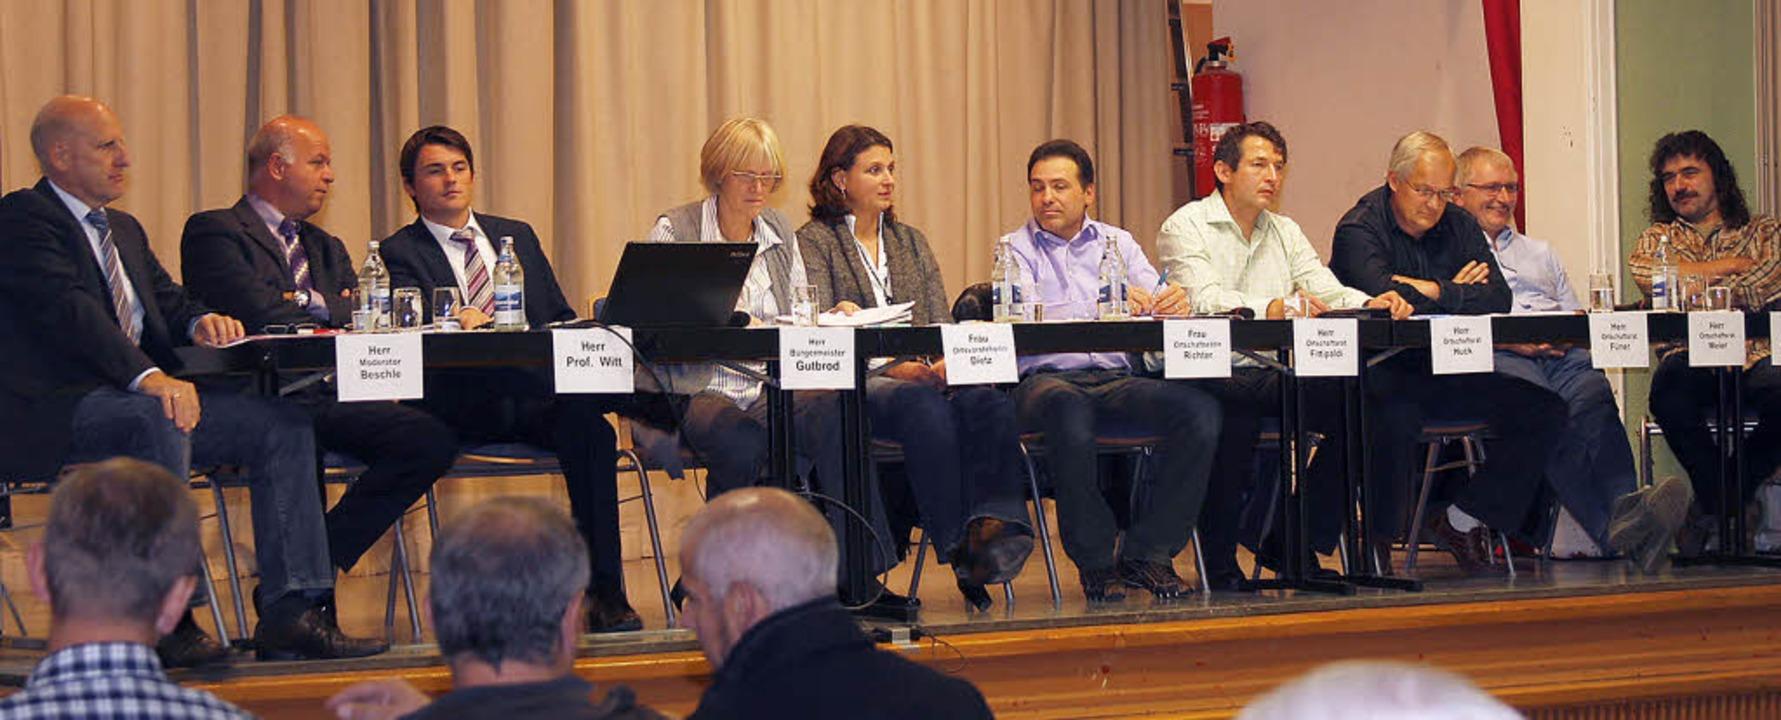 Auf dem Podium von links Wolfram Besch..., Norbert Meier und Volker Ackermann.   | Foto: heidi fössel